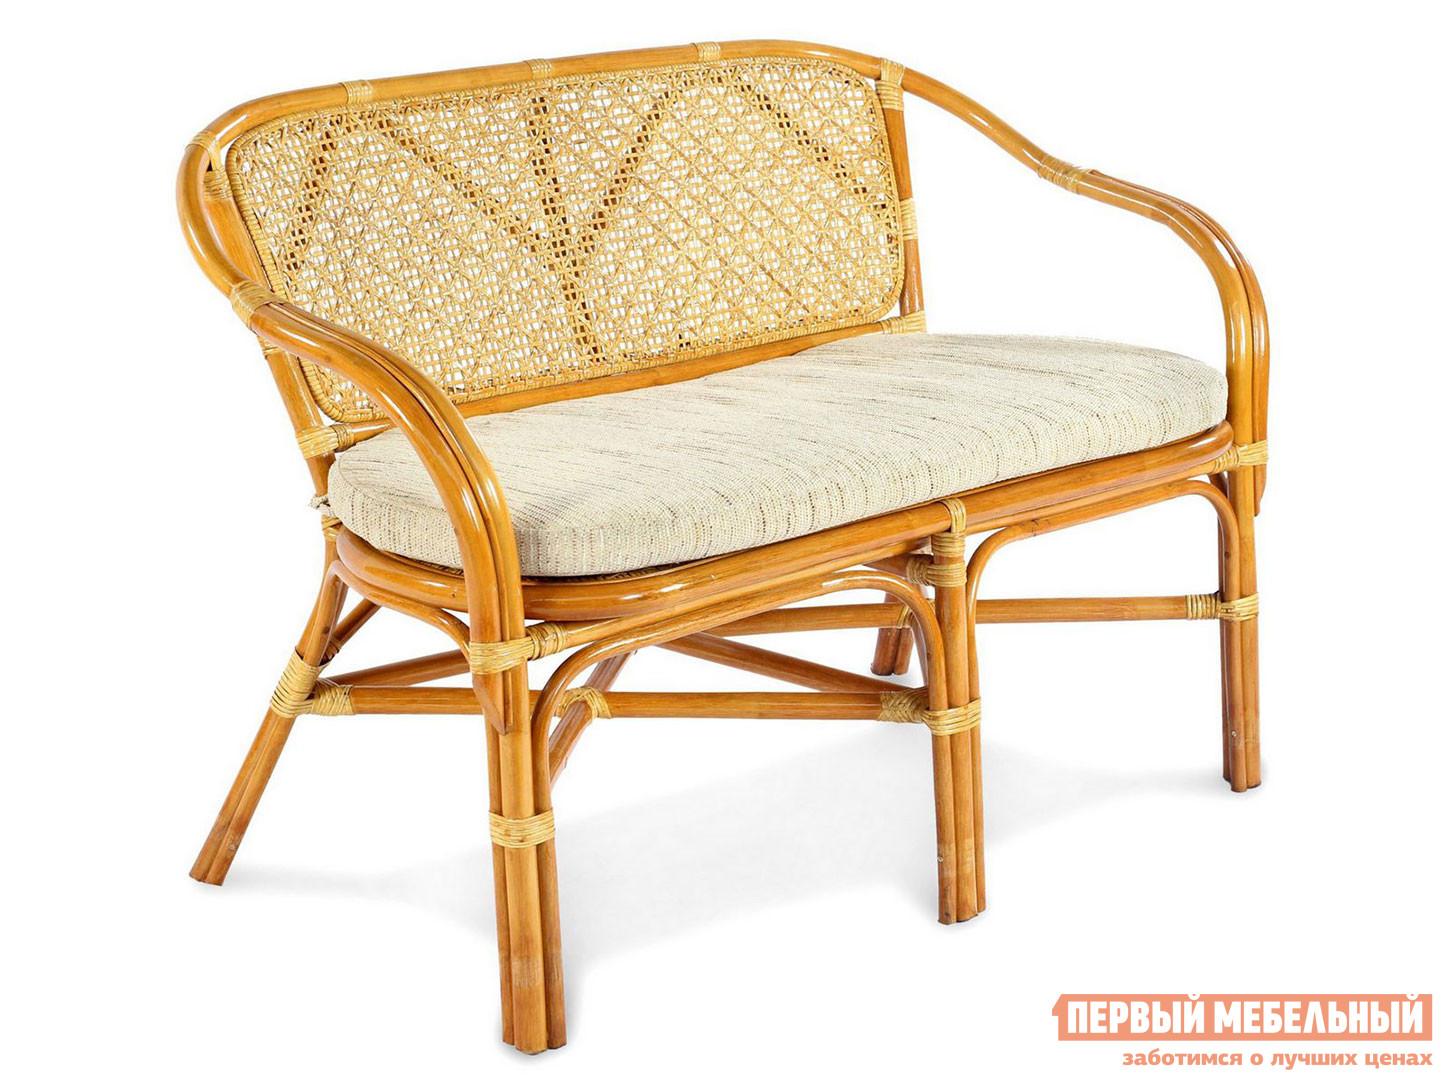 Плетеный диван для дачи ЭкоДизайн ELLENA 11/21-C